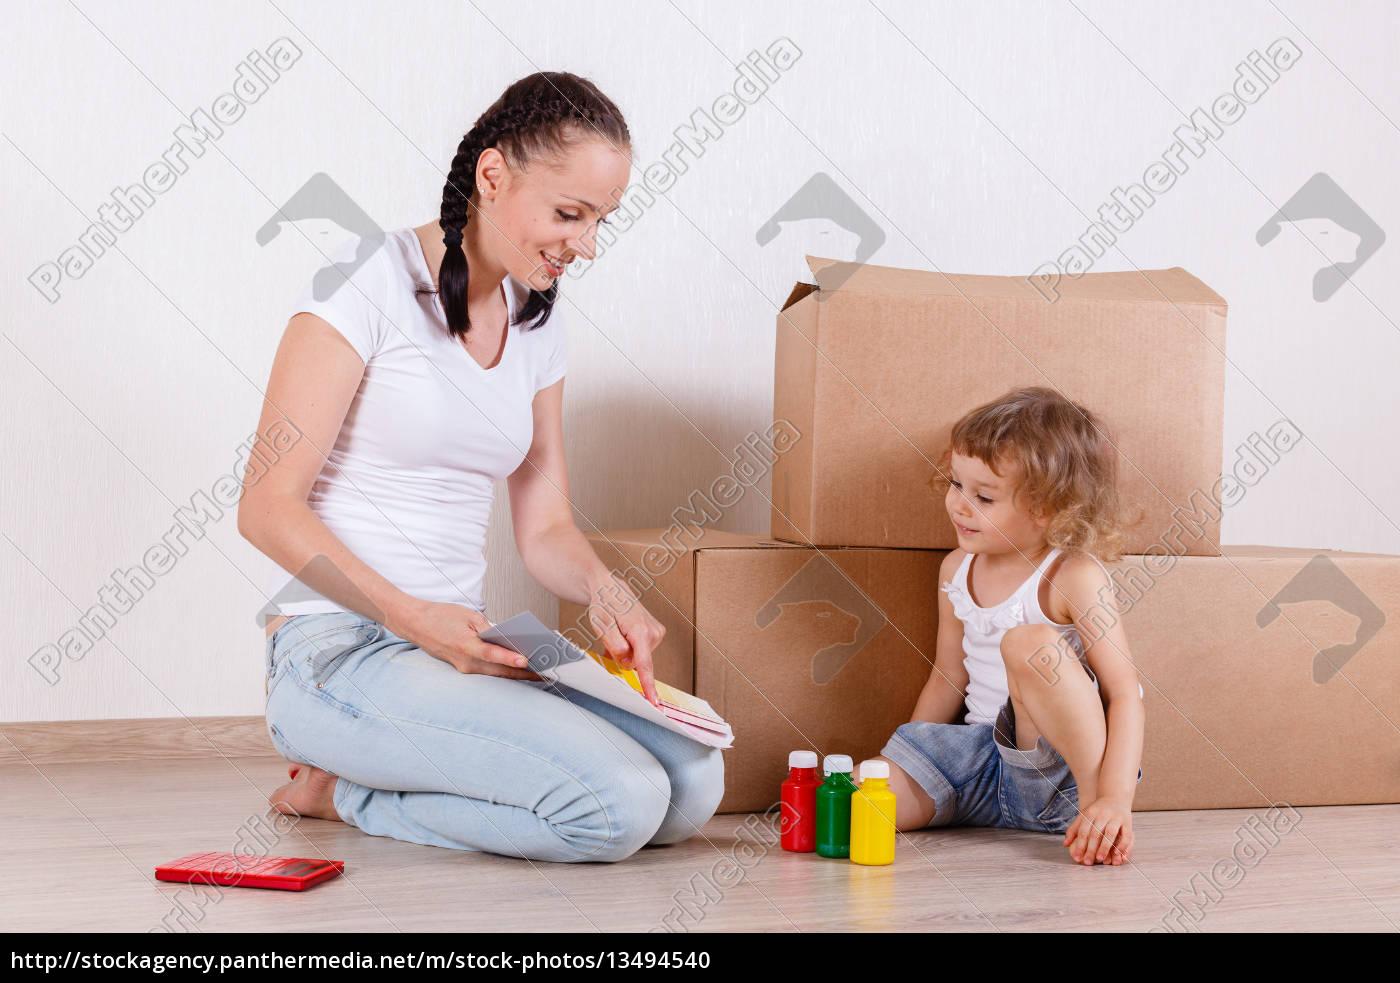 familien, sidder, i, et, værelse, i - 13494540